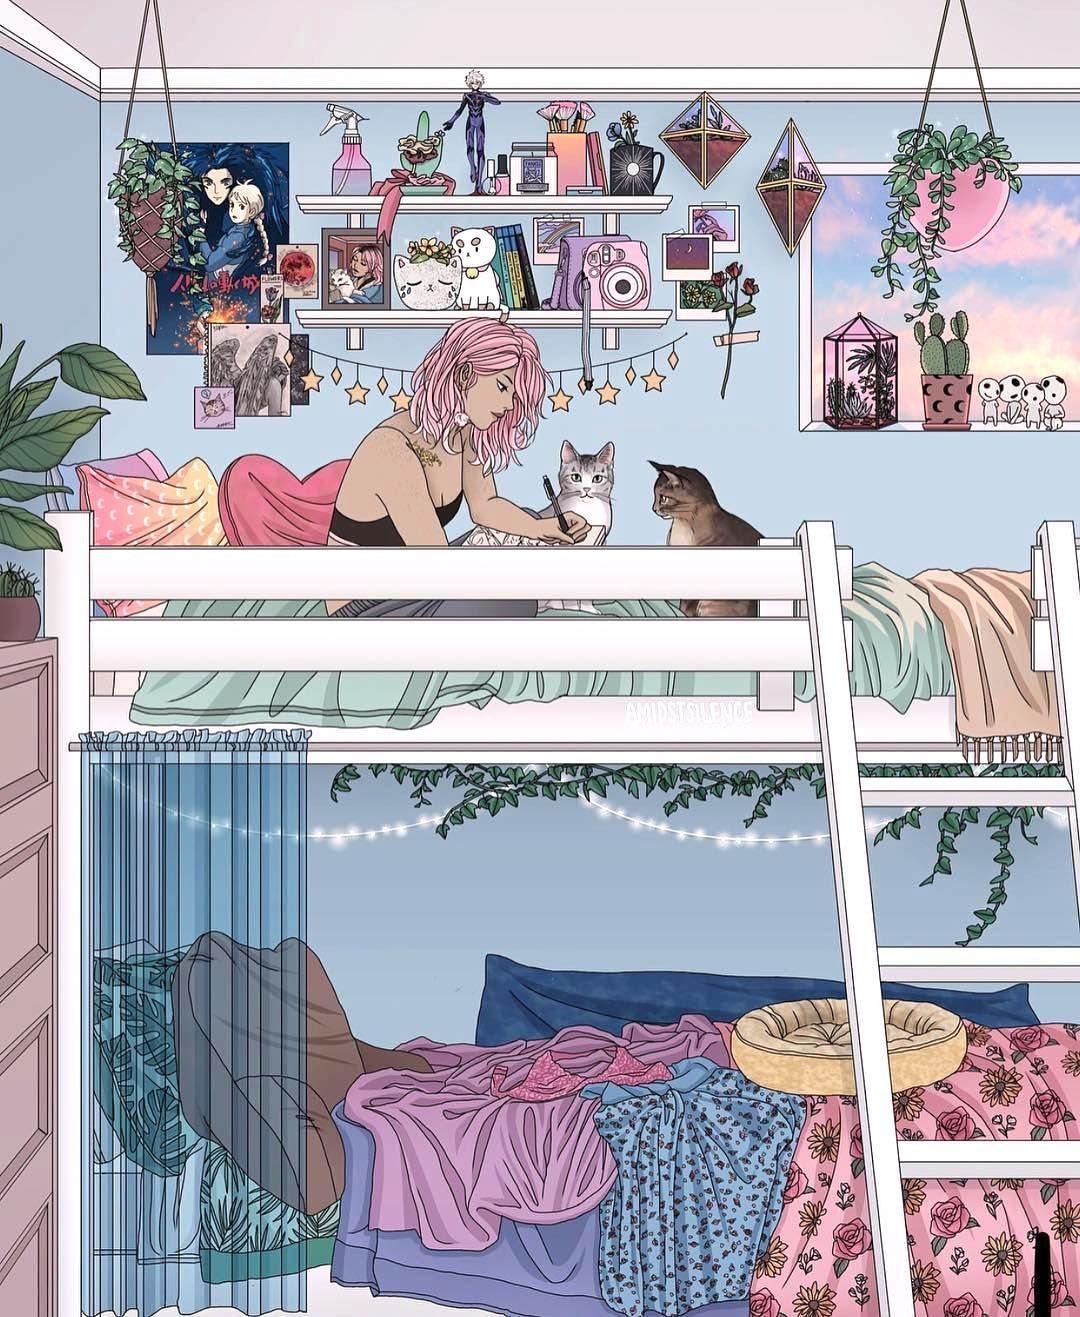 Lo Fi Feels In 2020 Bedroom Drawing Art Aesthetic Art